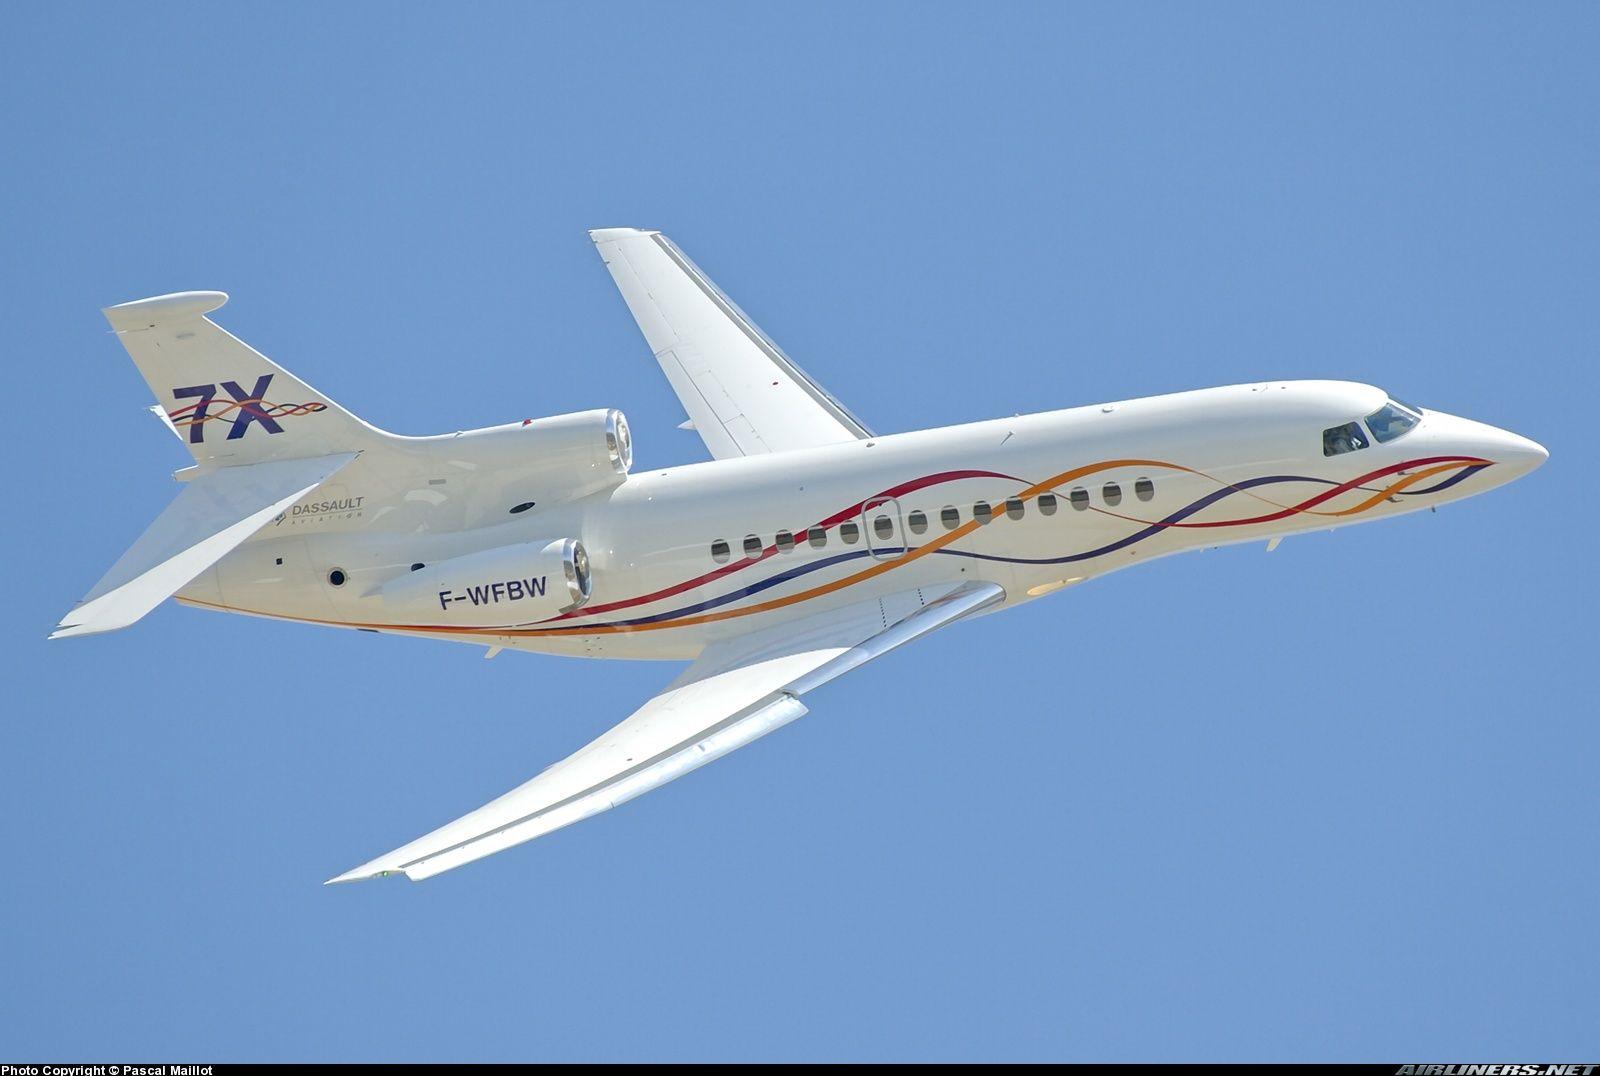 DASSAULT FALCON 7X 2 - О некоторых аспектах владения личным самолетом